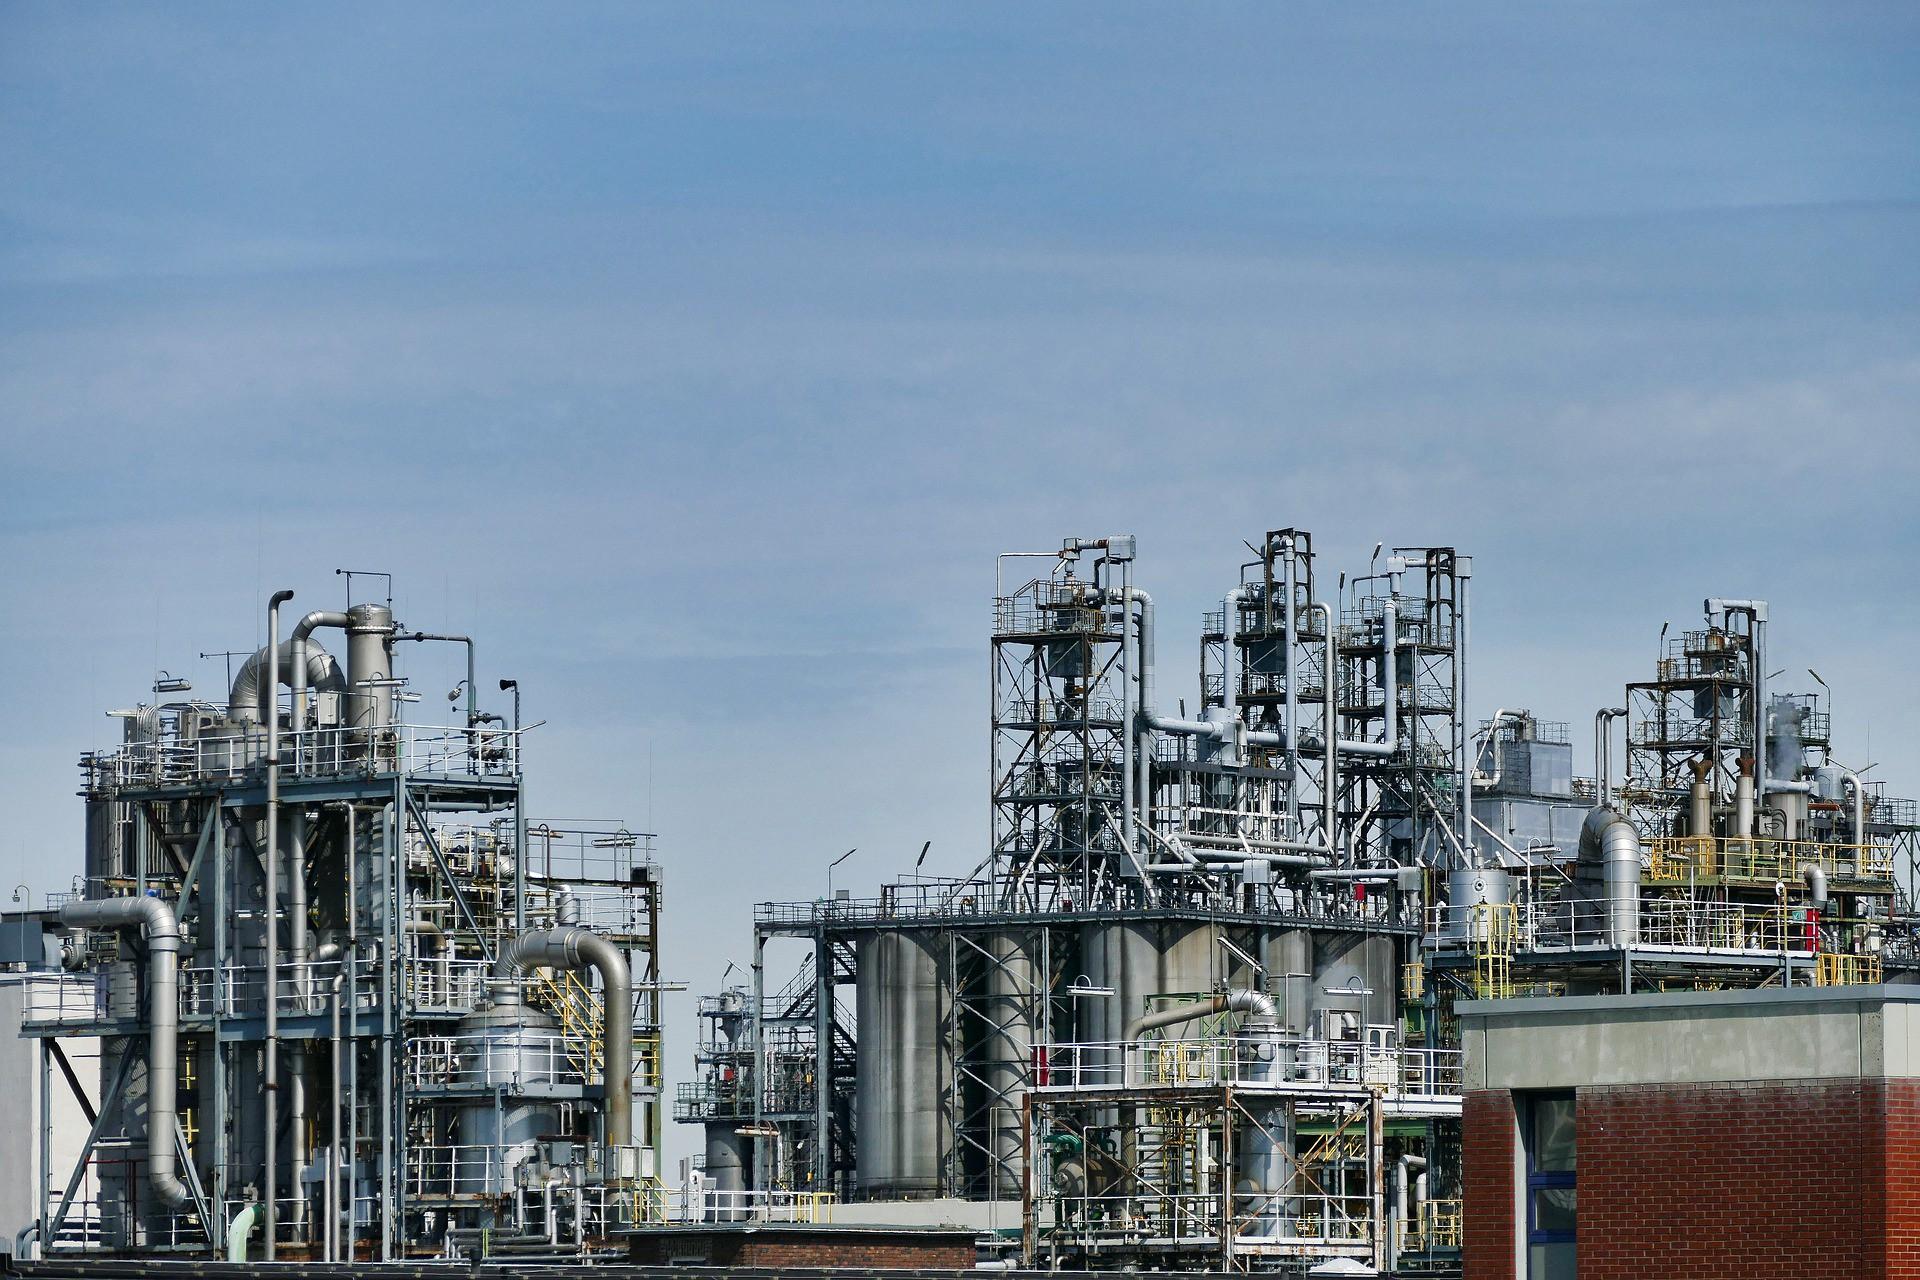 Giá xăng dầu hôm nay 15/9: Giữ đà tăng khi nguồn cung giảm